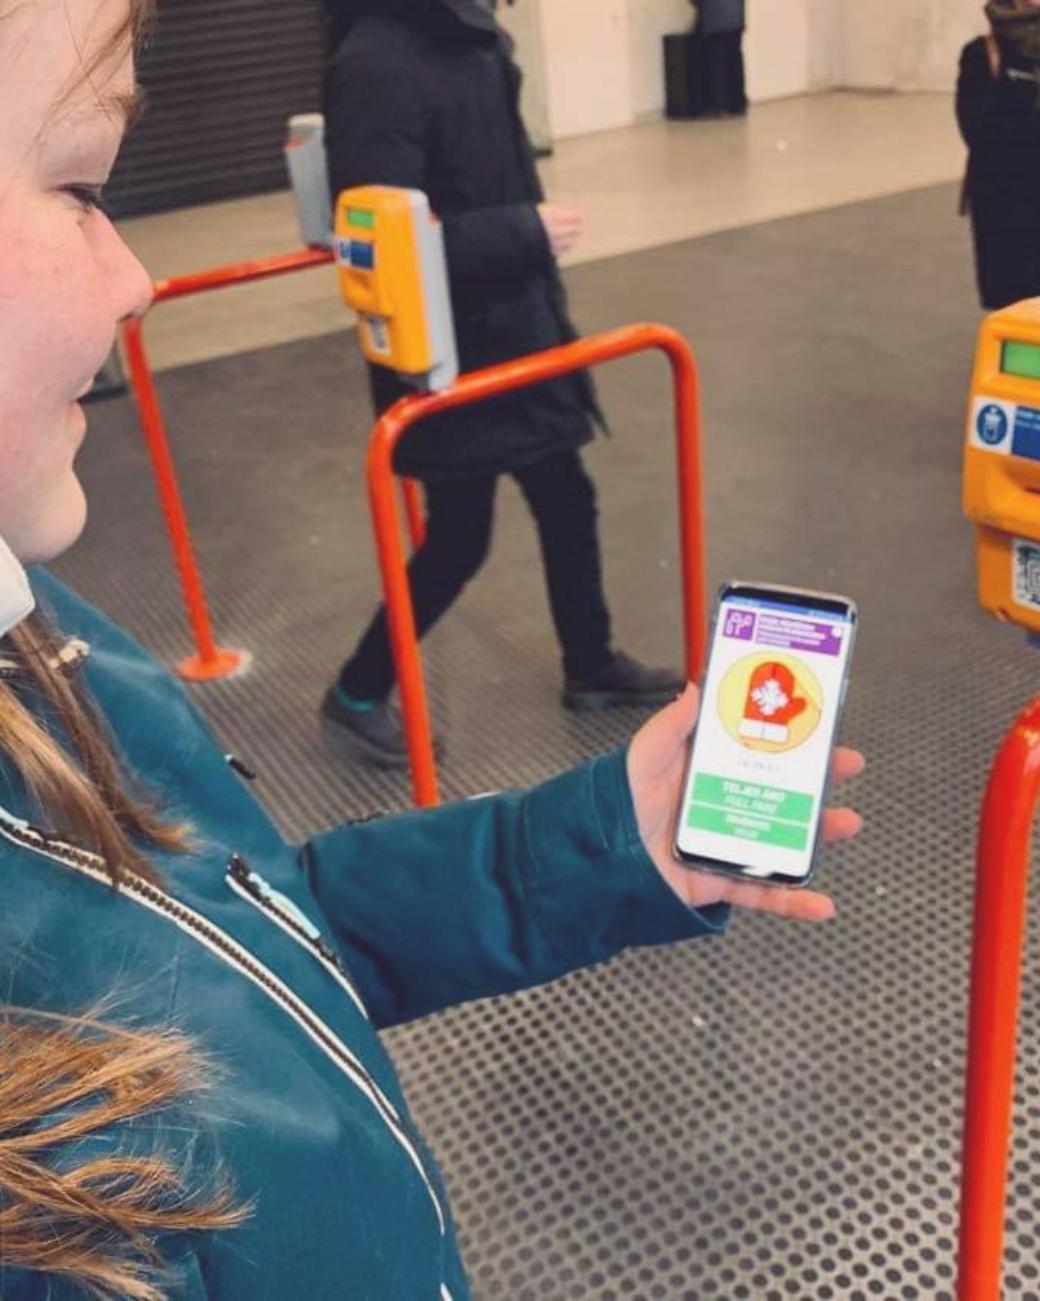 Zo gebruik je Mobiljegy; mobiele OV-kaart in Boedapest, foto van mobiele telefoon met validatie animatie bij een validatie punt van de metro